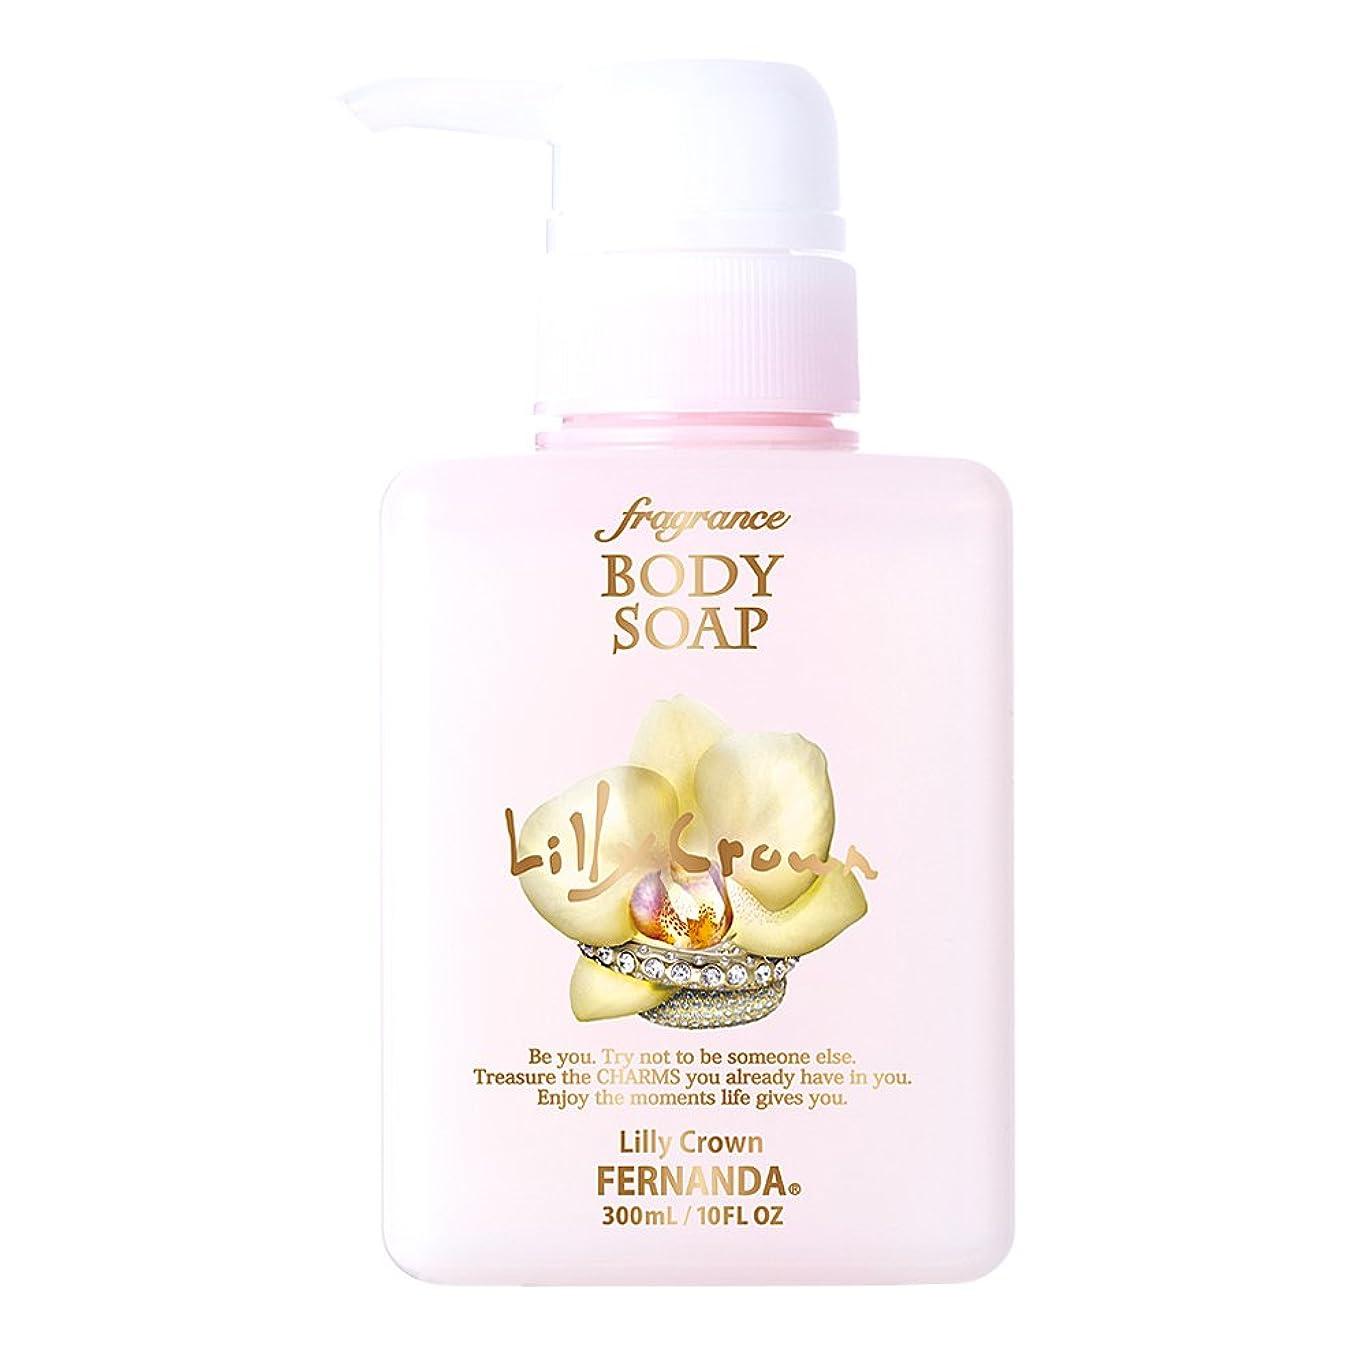 アスペクト壊滅的な料理をするFERNANDA(フェルナンダ) Fragrance Body Soap Lilly Crown (ボディソープ リリークラウン)